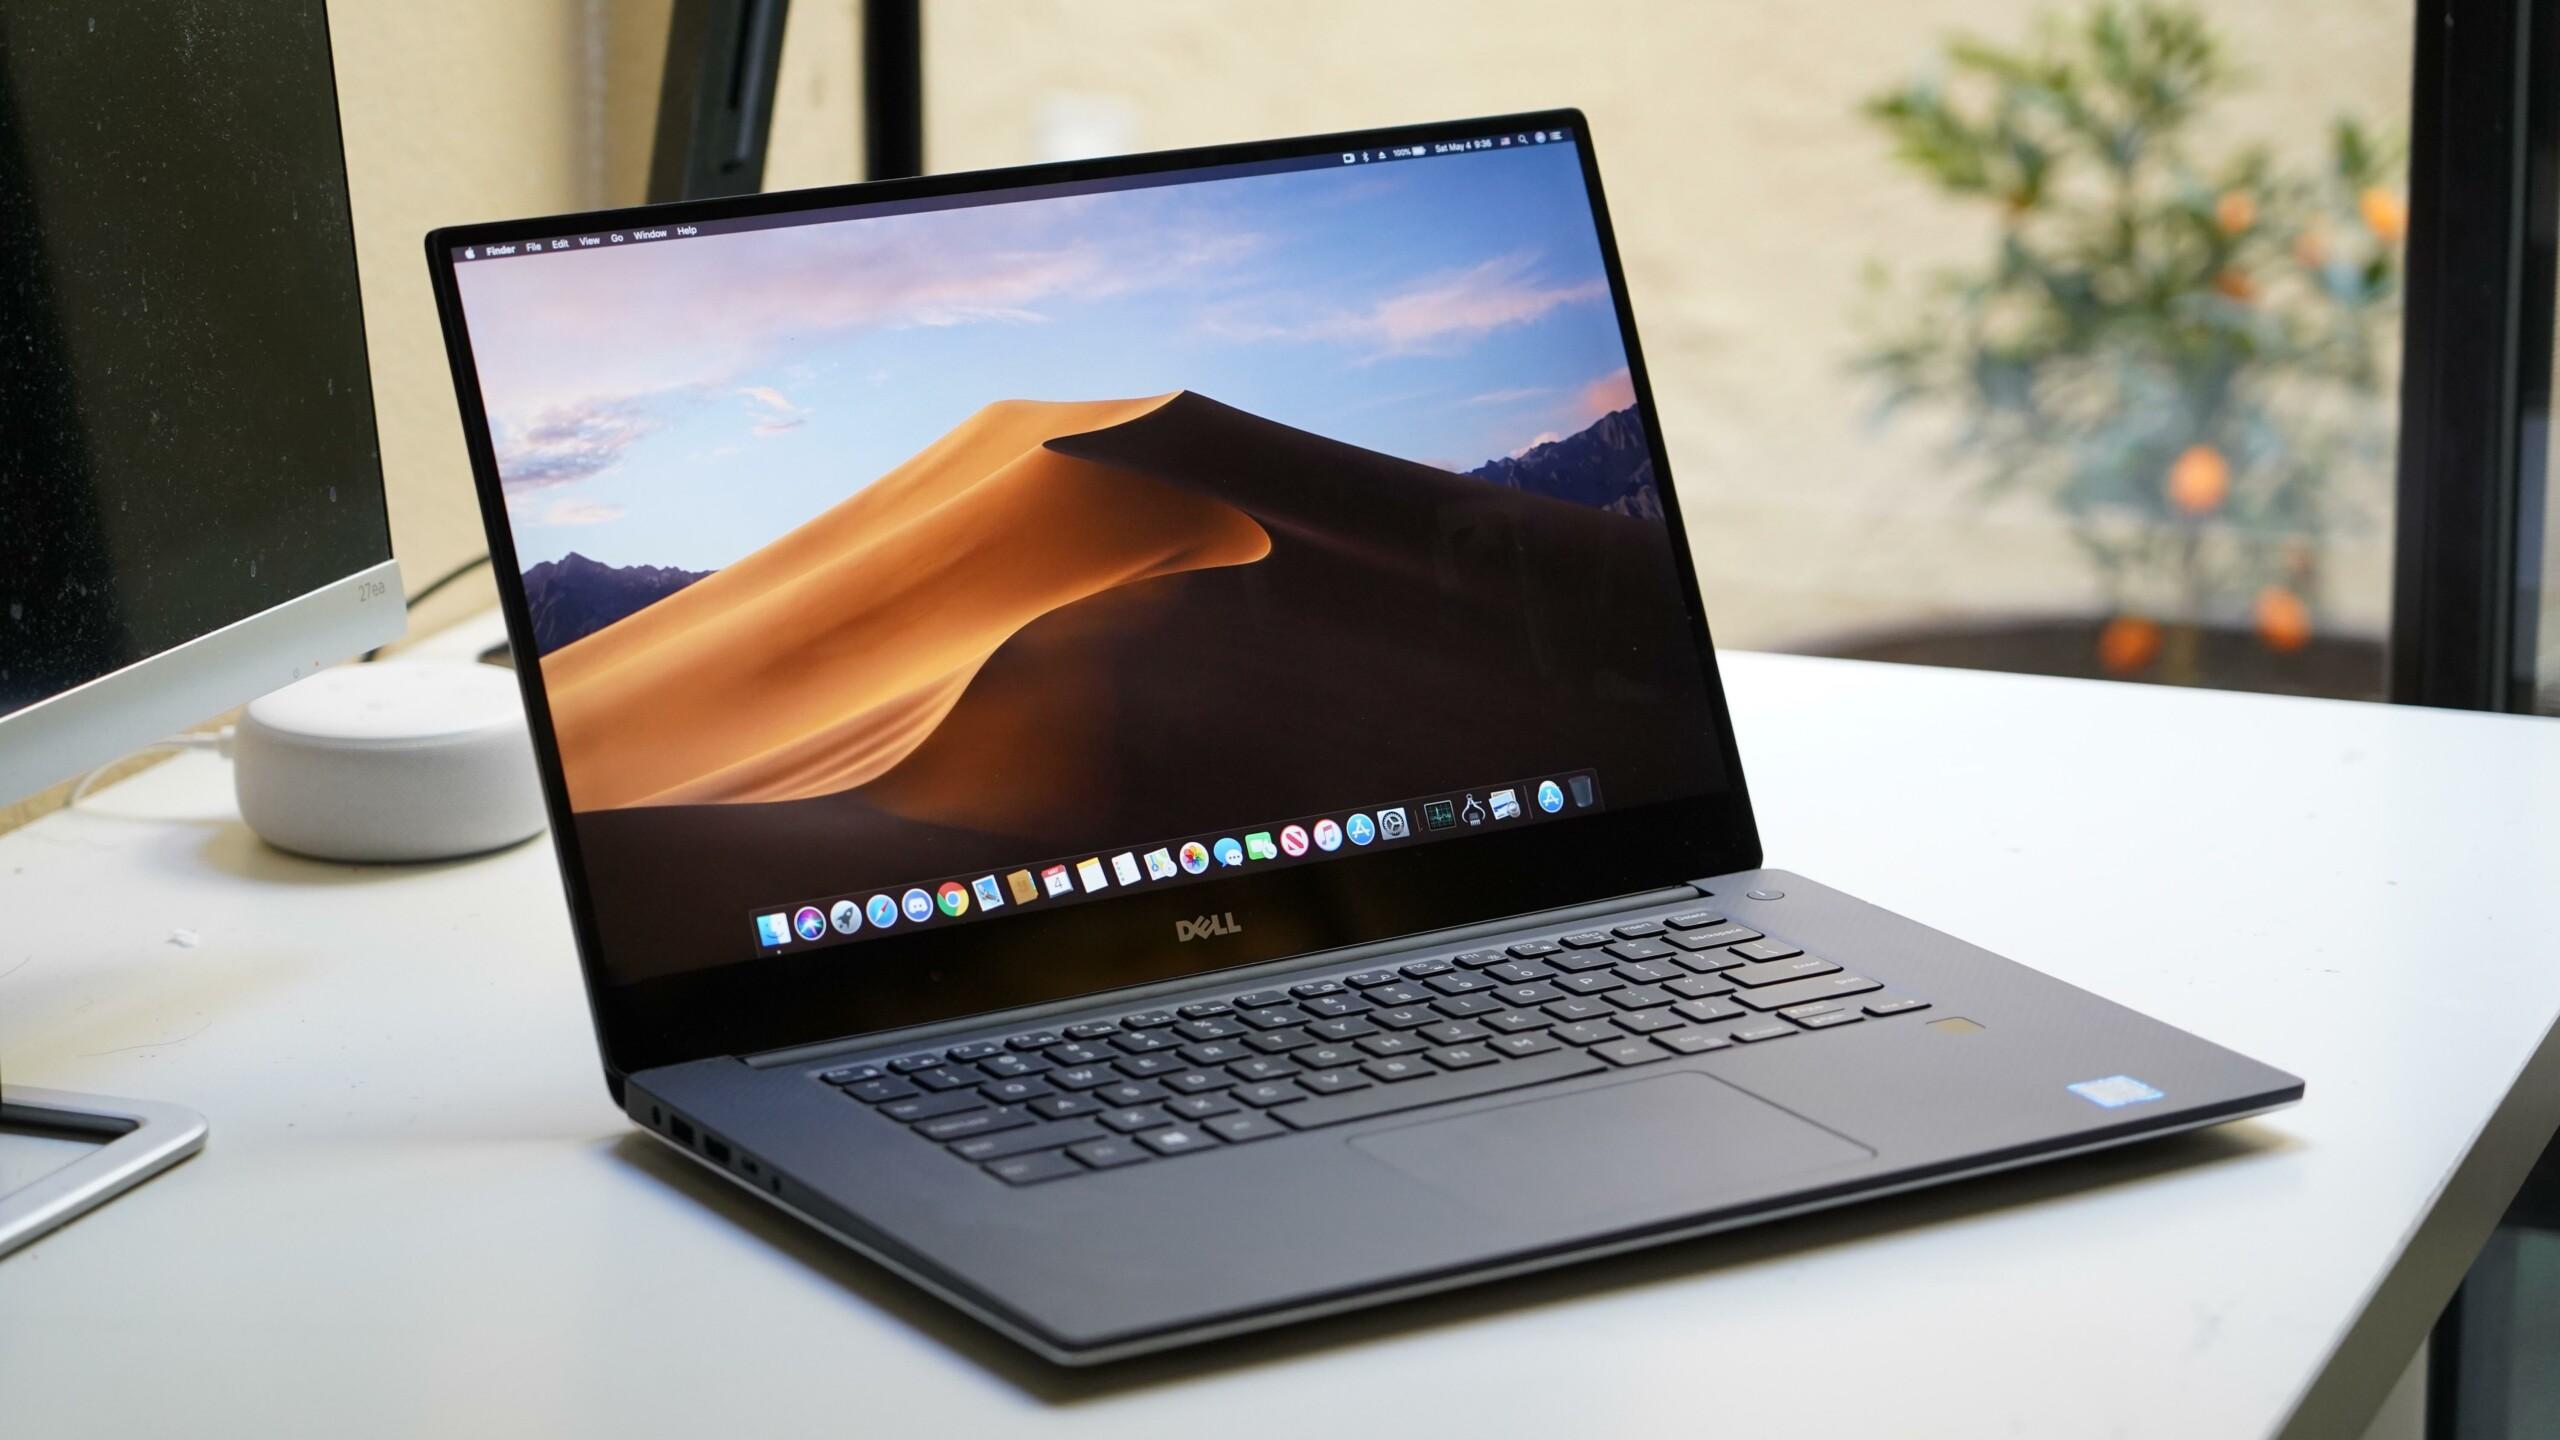 Steve Jobs a proposé à Dell d'utiliser Mac OS X, cela aurait pu tout changer